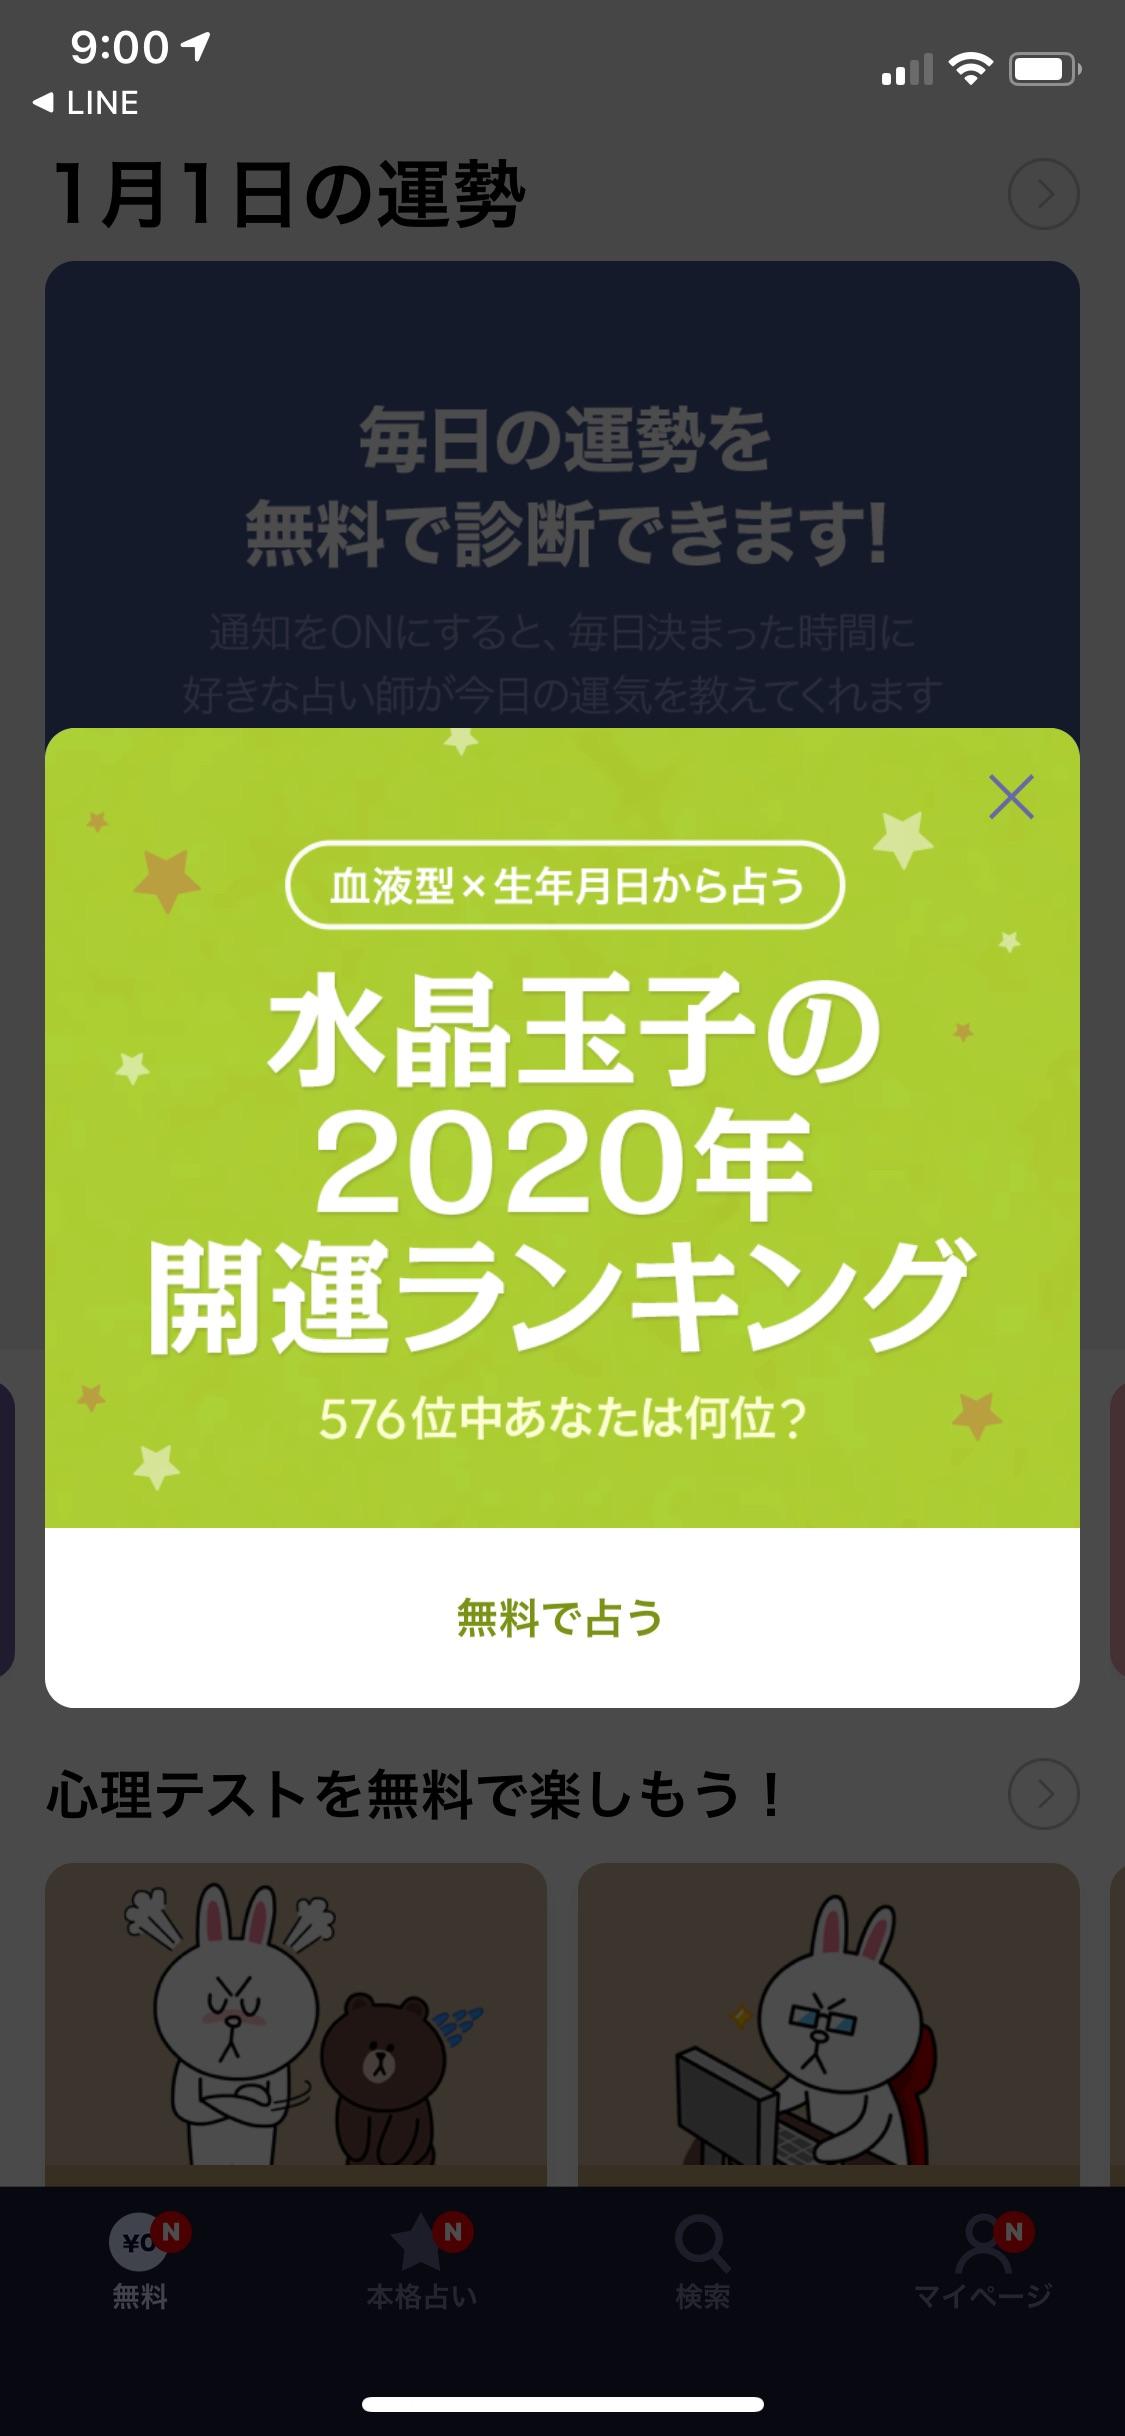 line-fortune-2019-2